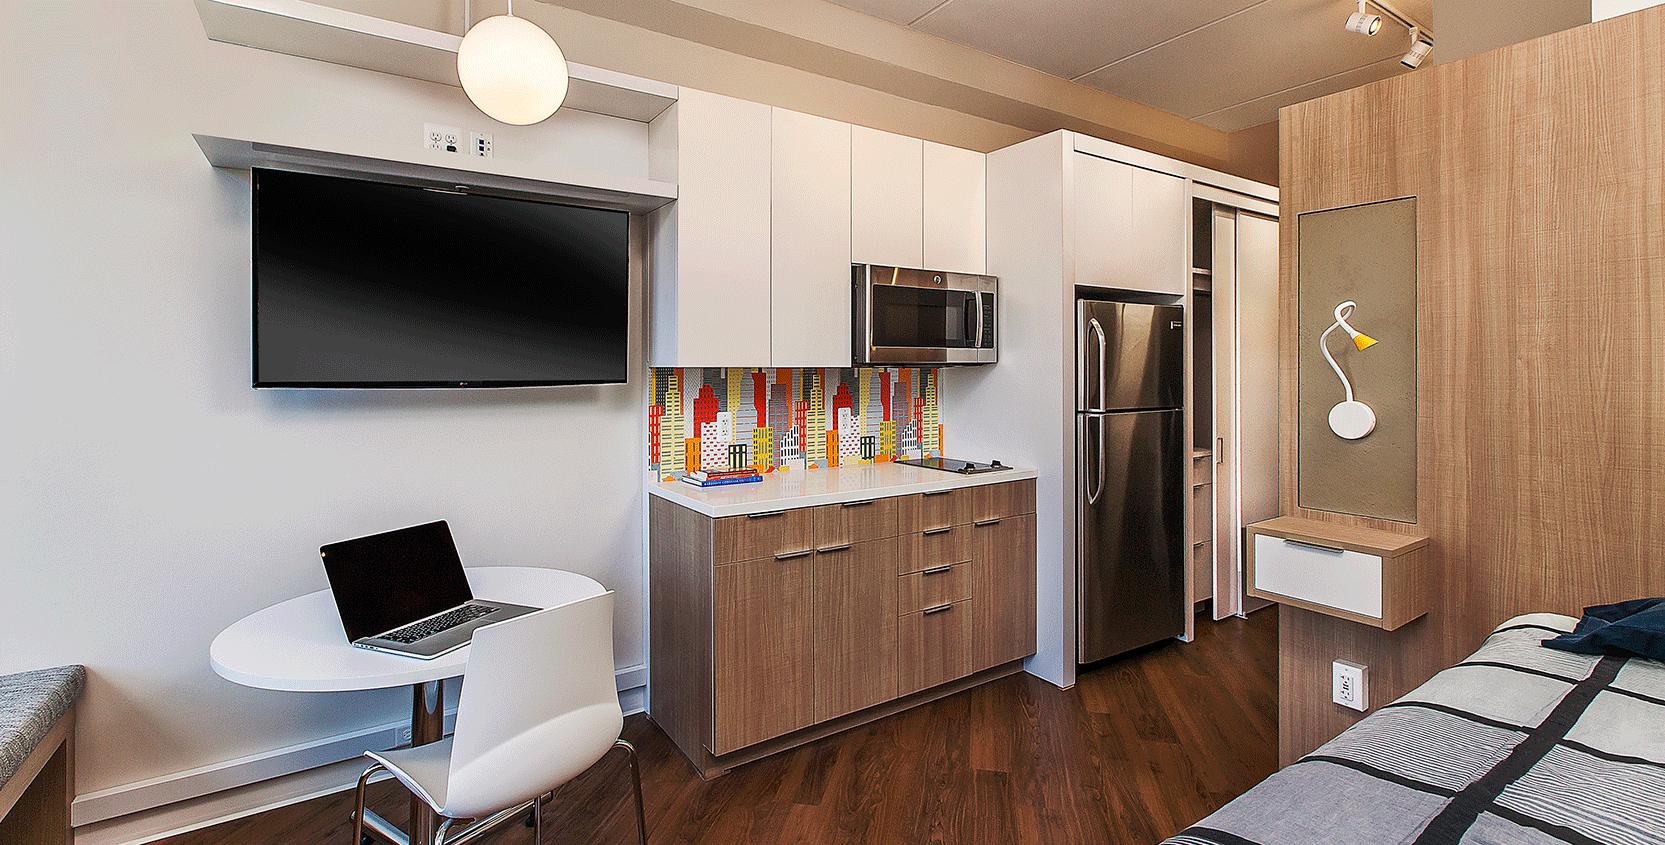 28 W Grand Lofts-Studio-Apartment-1665x845